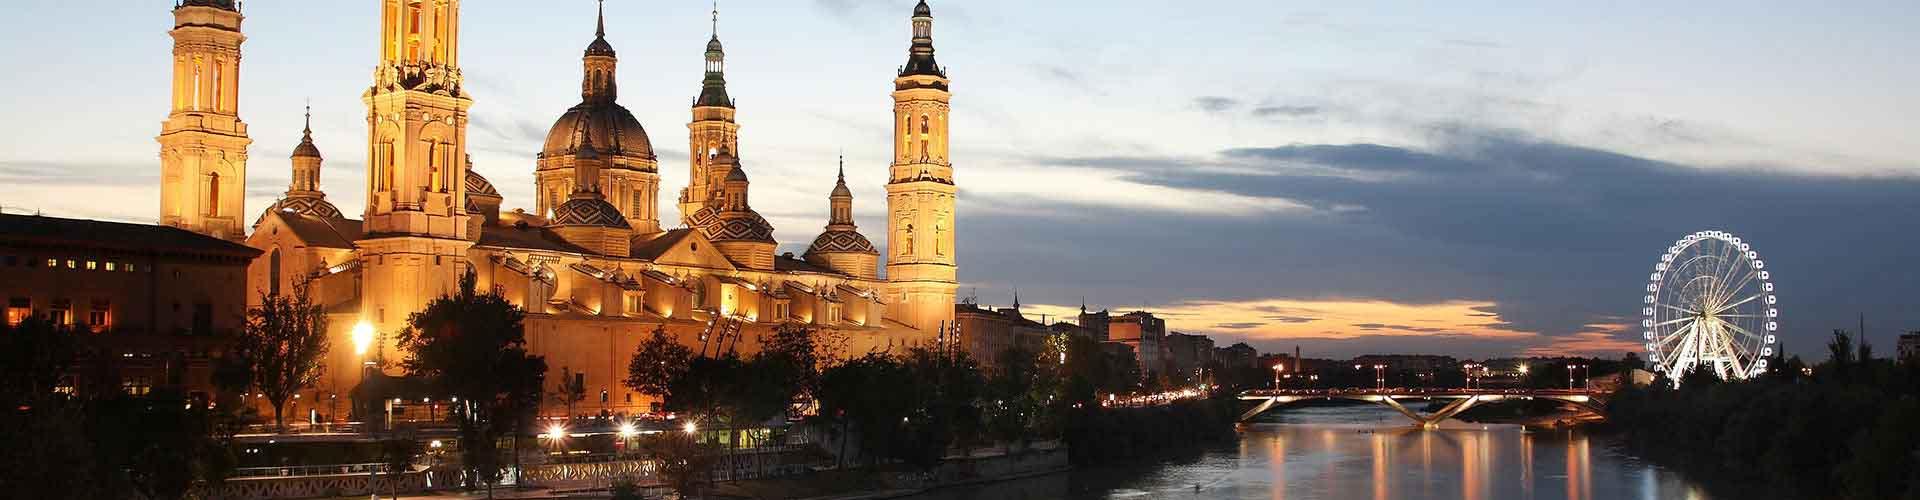 Zaragoza - Chambres pas chères dans le quartier de Delicias. Cartes pour Zaragoza, photos et commentaires pour chaque chambre à Zaragoza.